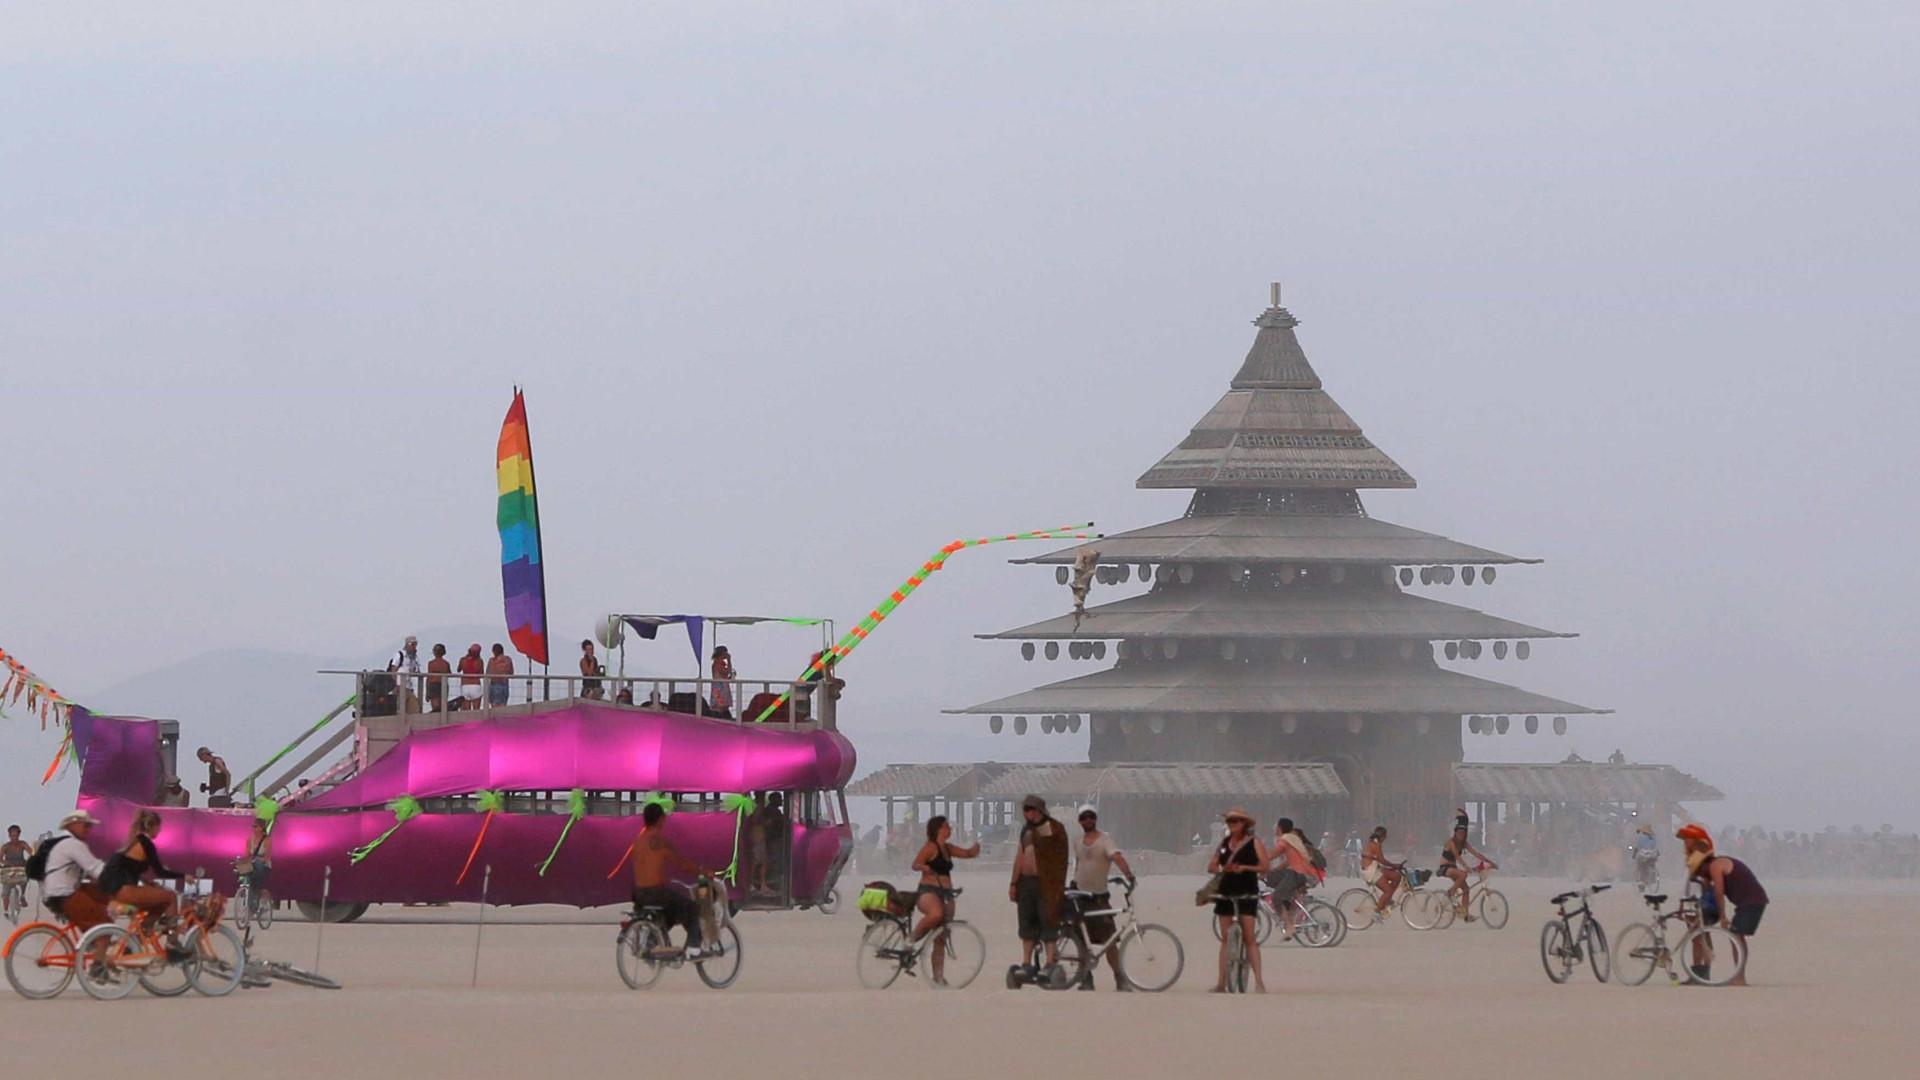 Associação de Góis apoiado pelo festival americano Burning Man